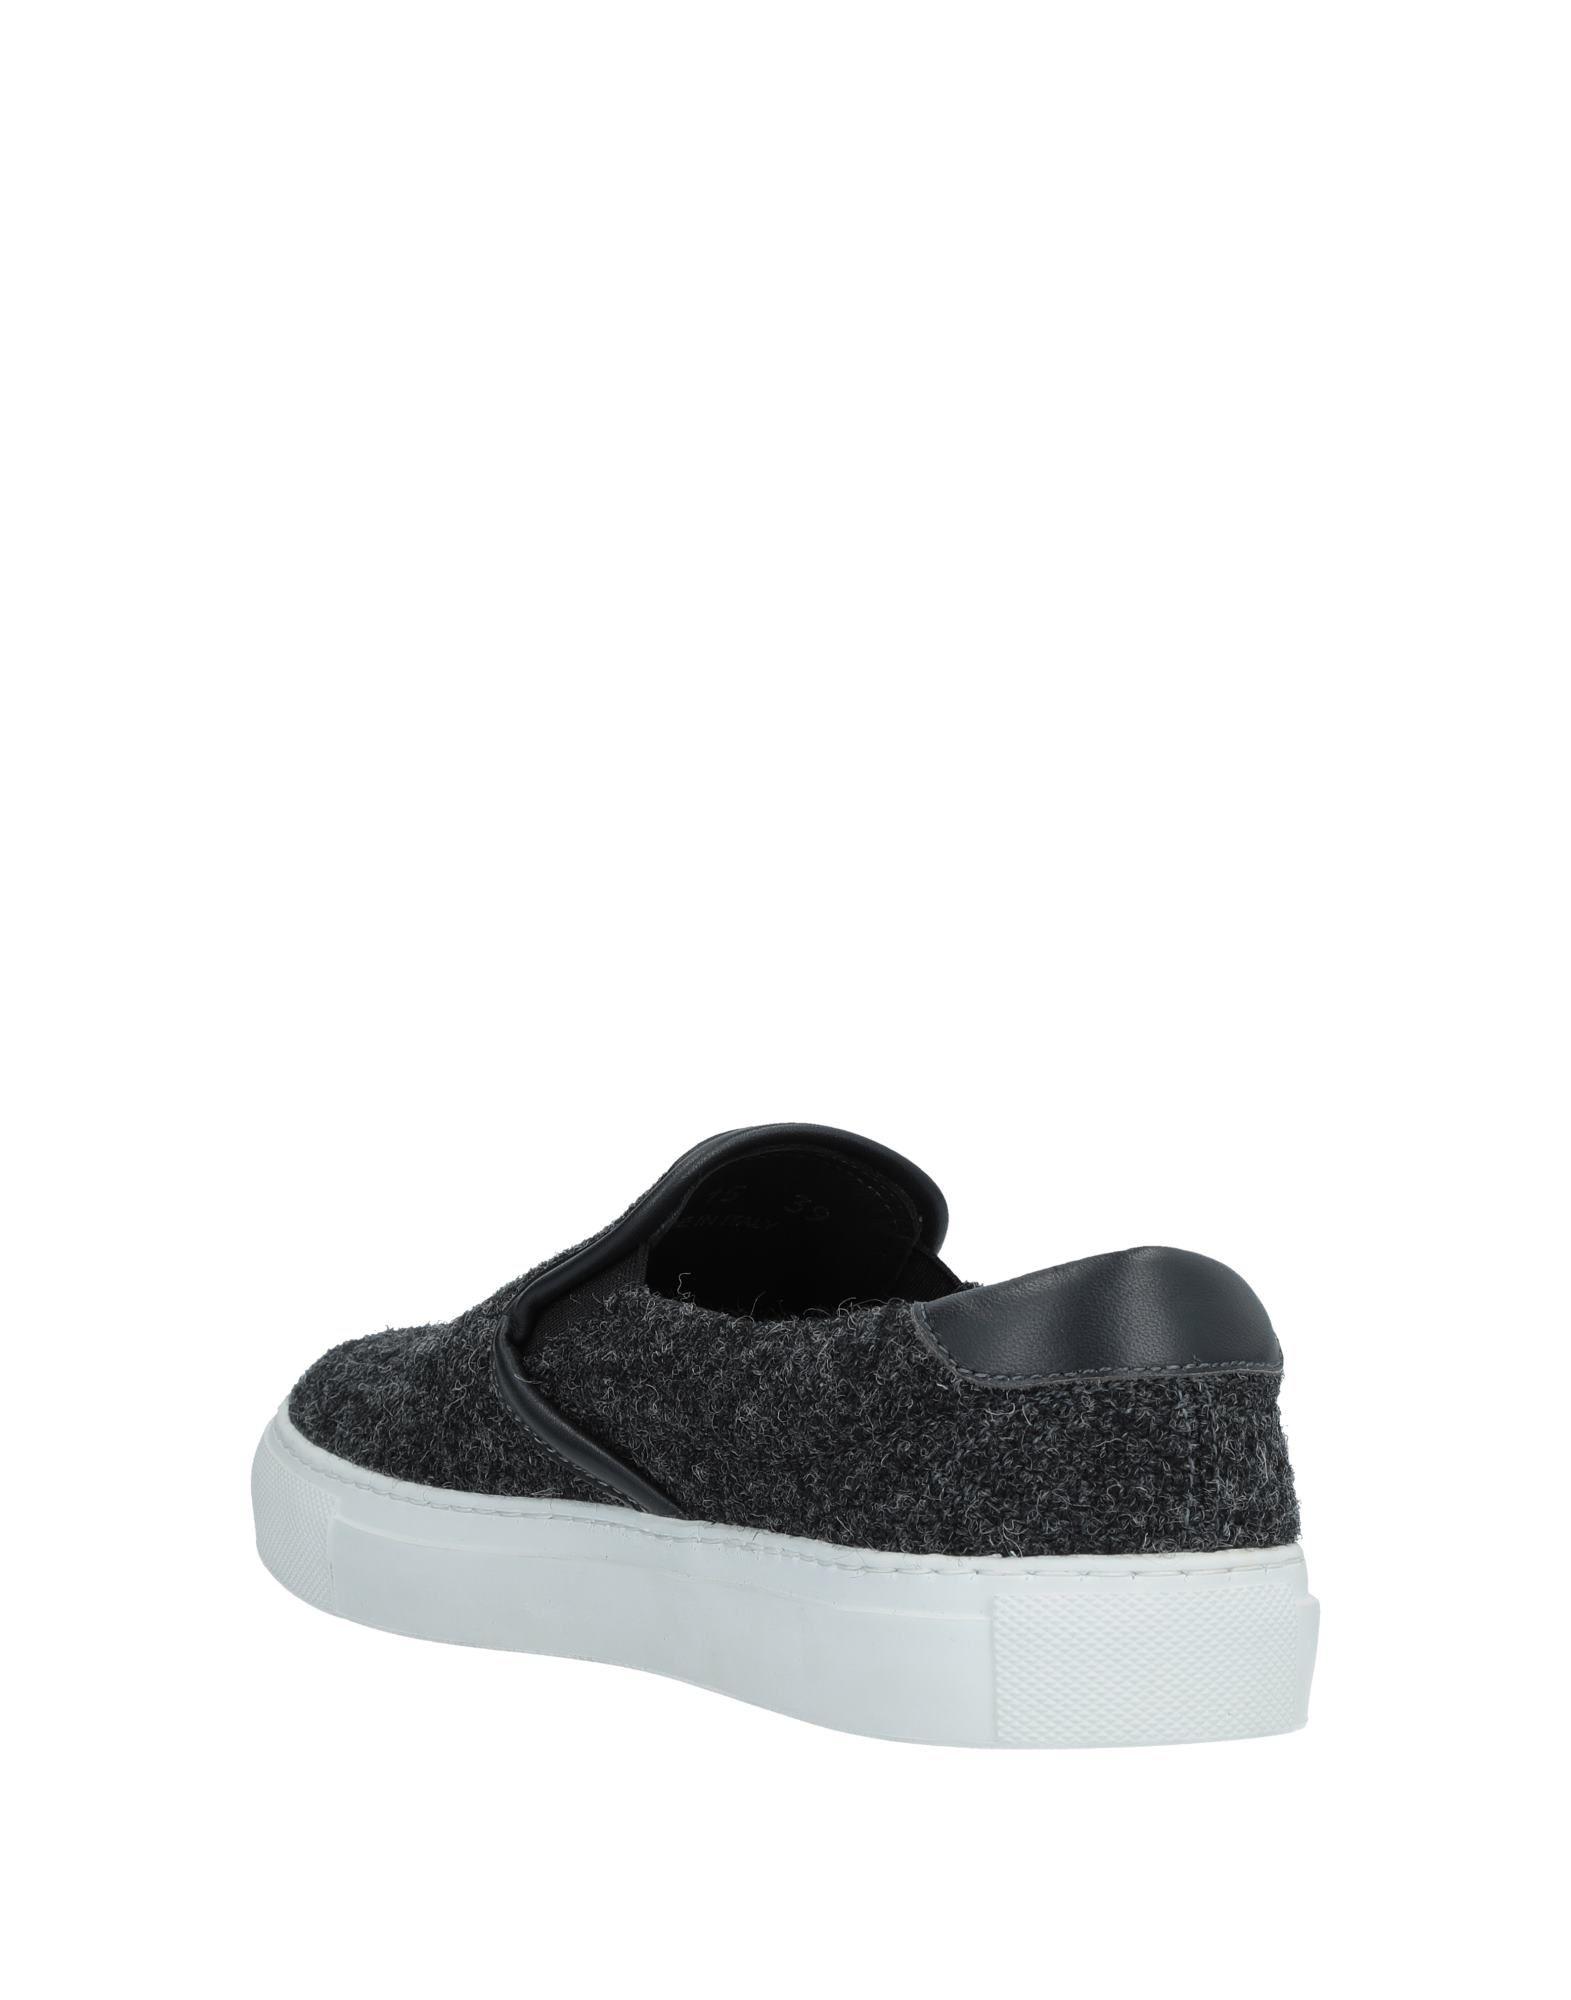 Diemme Sneakers Herren  Schuhe 11537772GA Gute Qualität beliebte Schuhe  ccdc0c